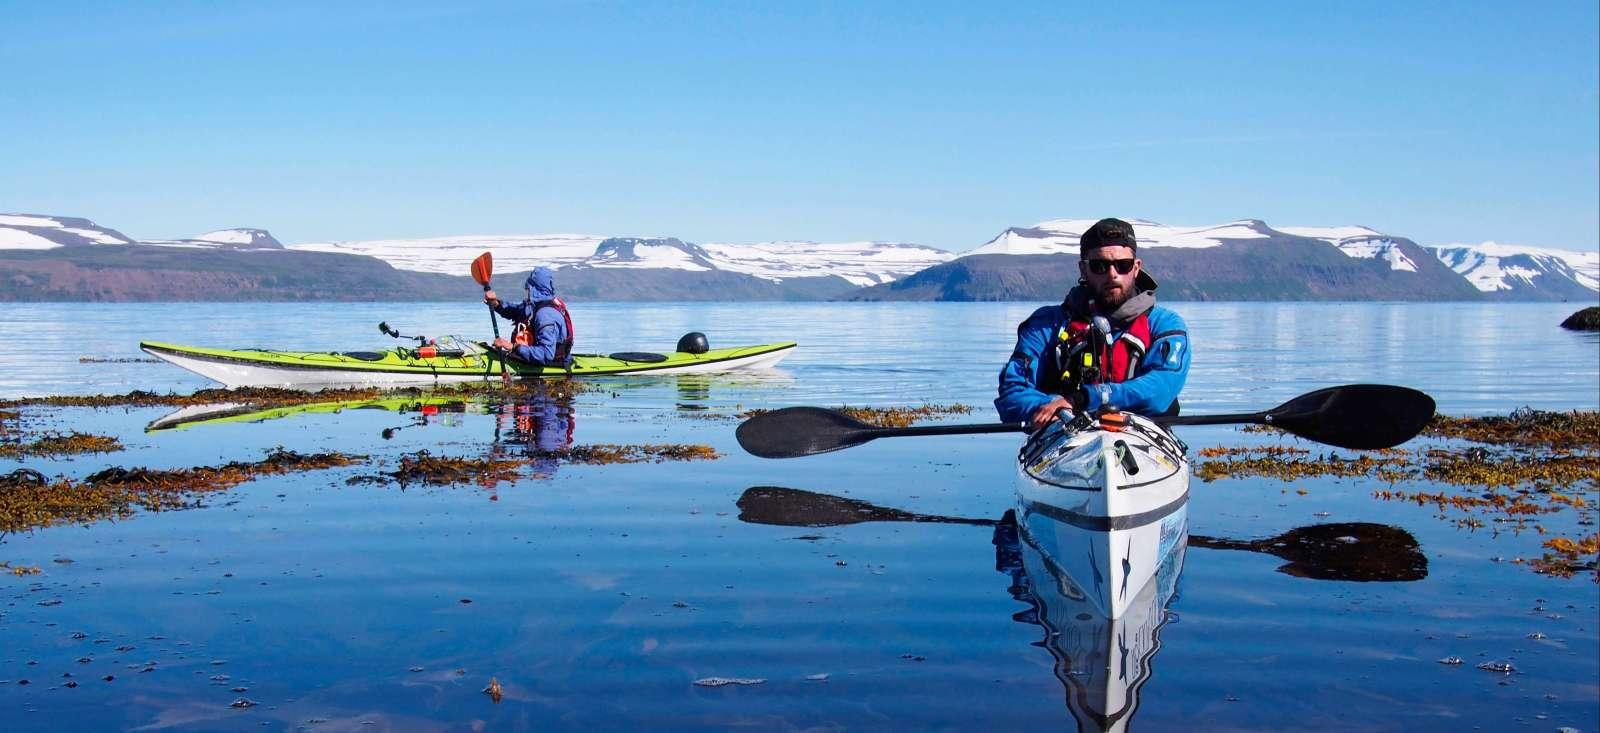 Voyage sur l'eau Islande : Hornstrandir, la péninsule du bout du monde..